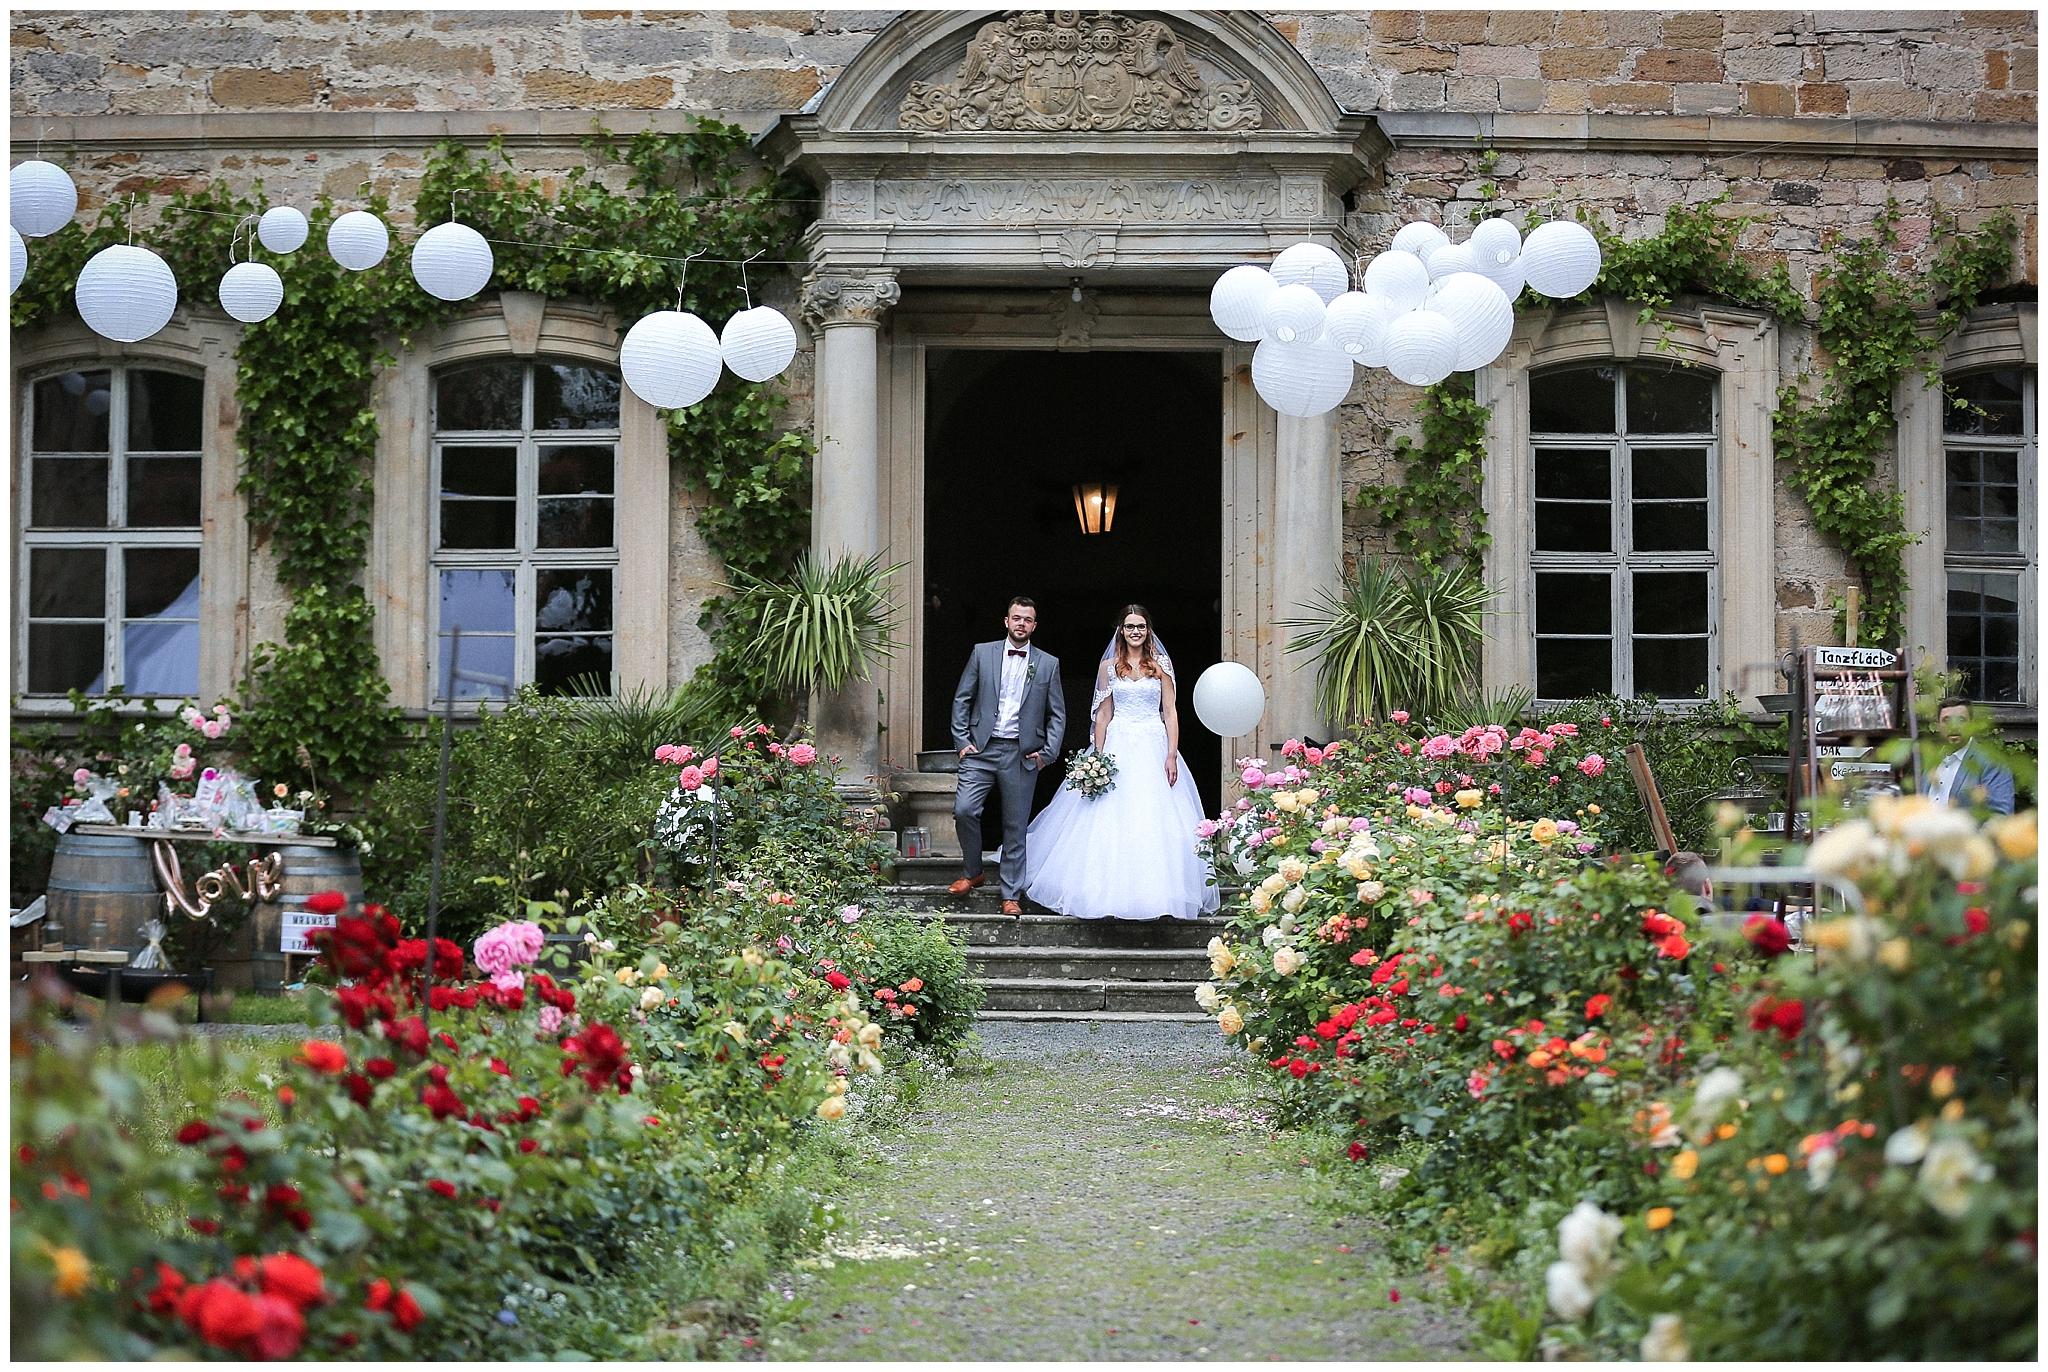 Hochzeit_Menninger_dieLICHTBUILDER_62.jpg